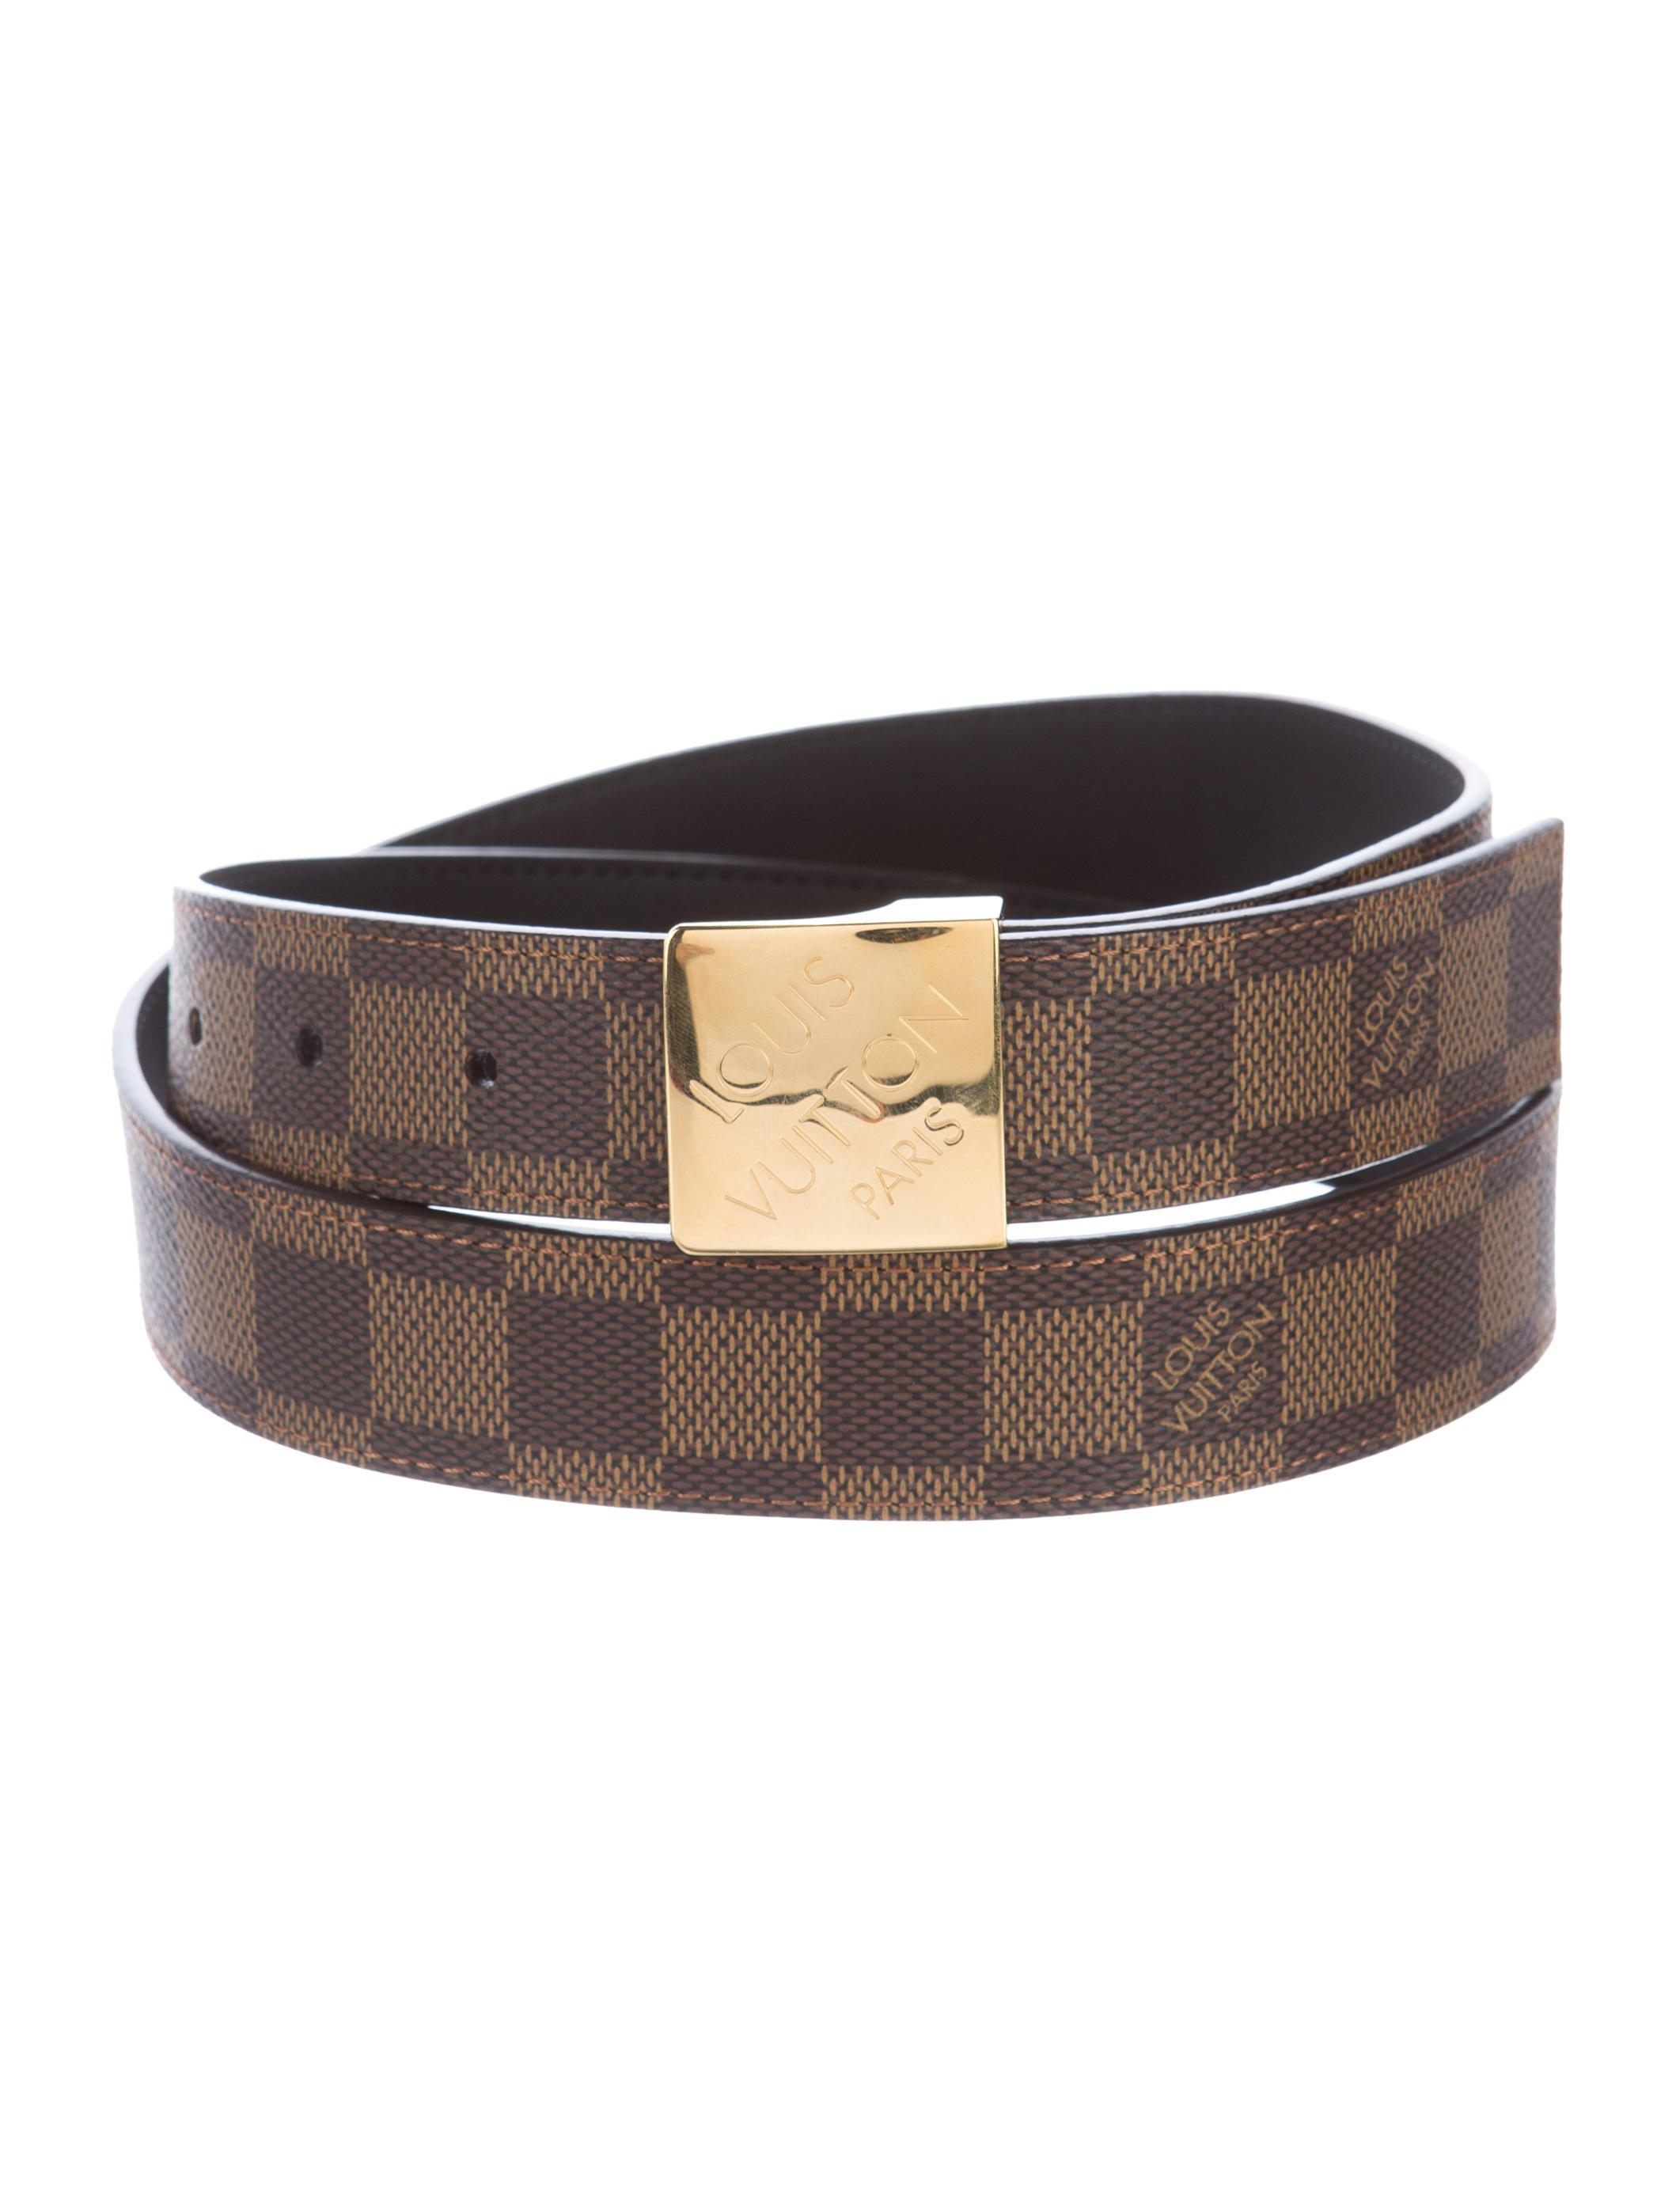 Louis Vuitton Damier Ebene Belt - Accessories - LOU111870 ...